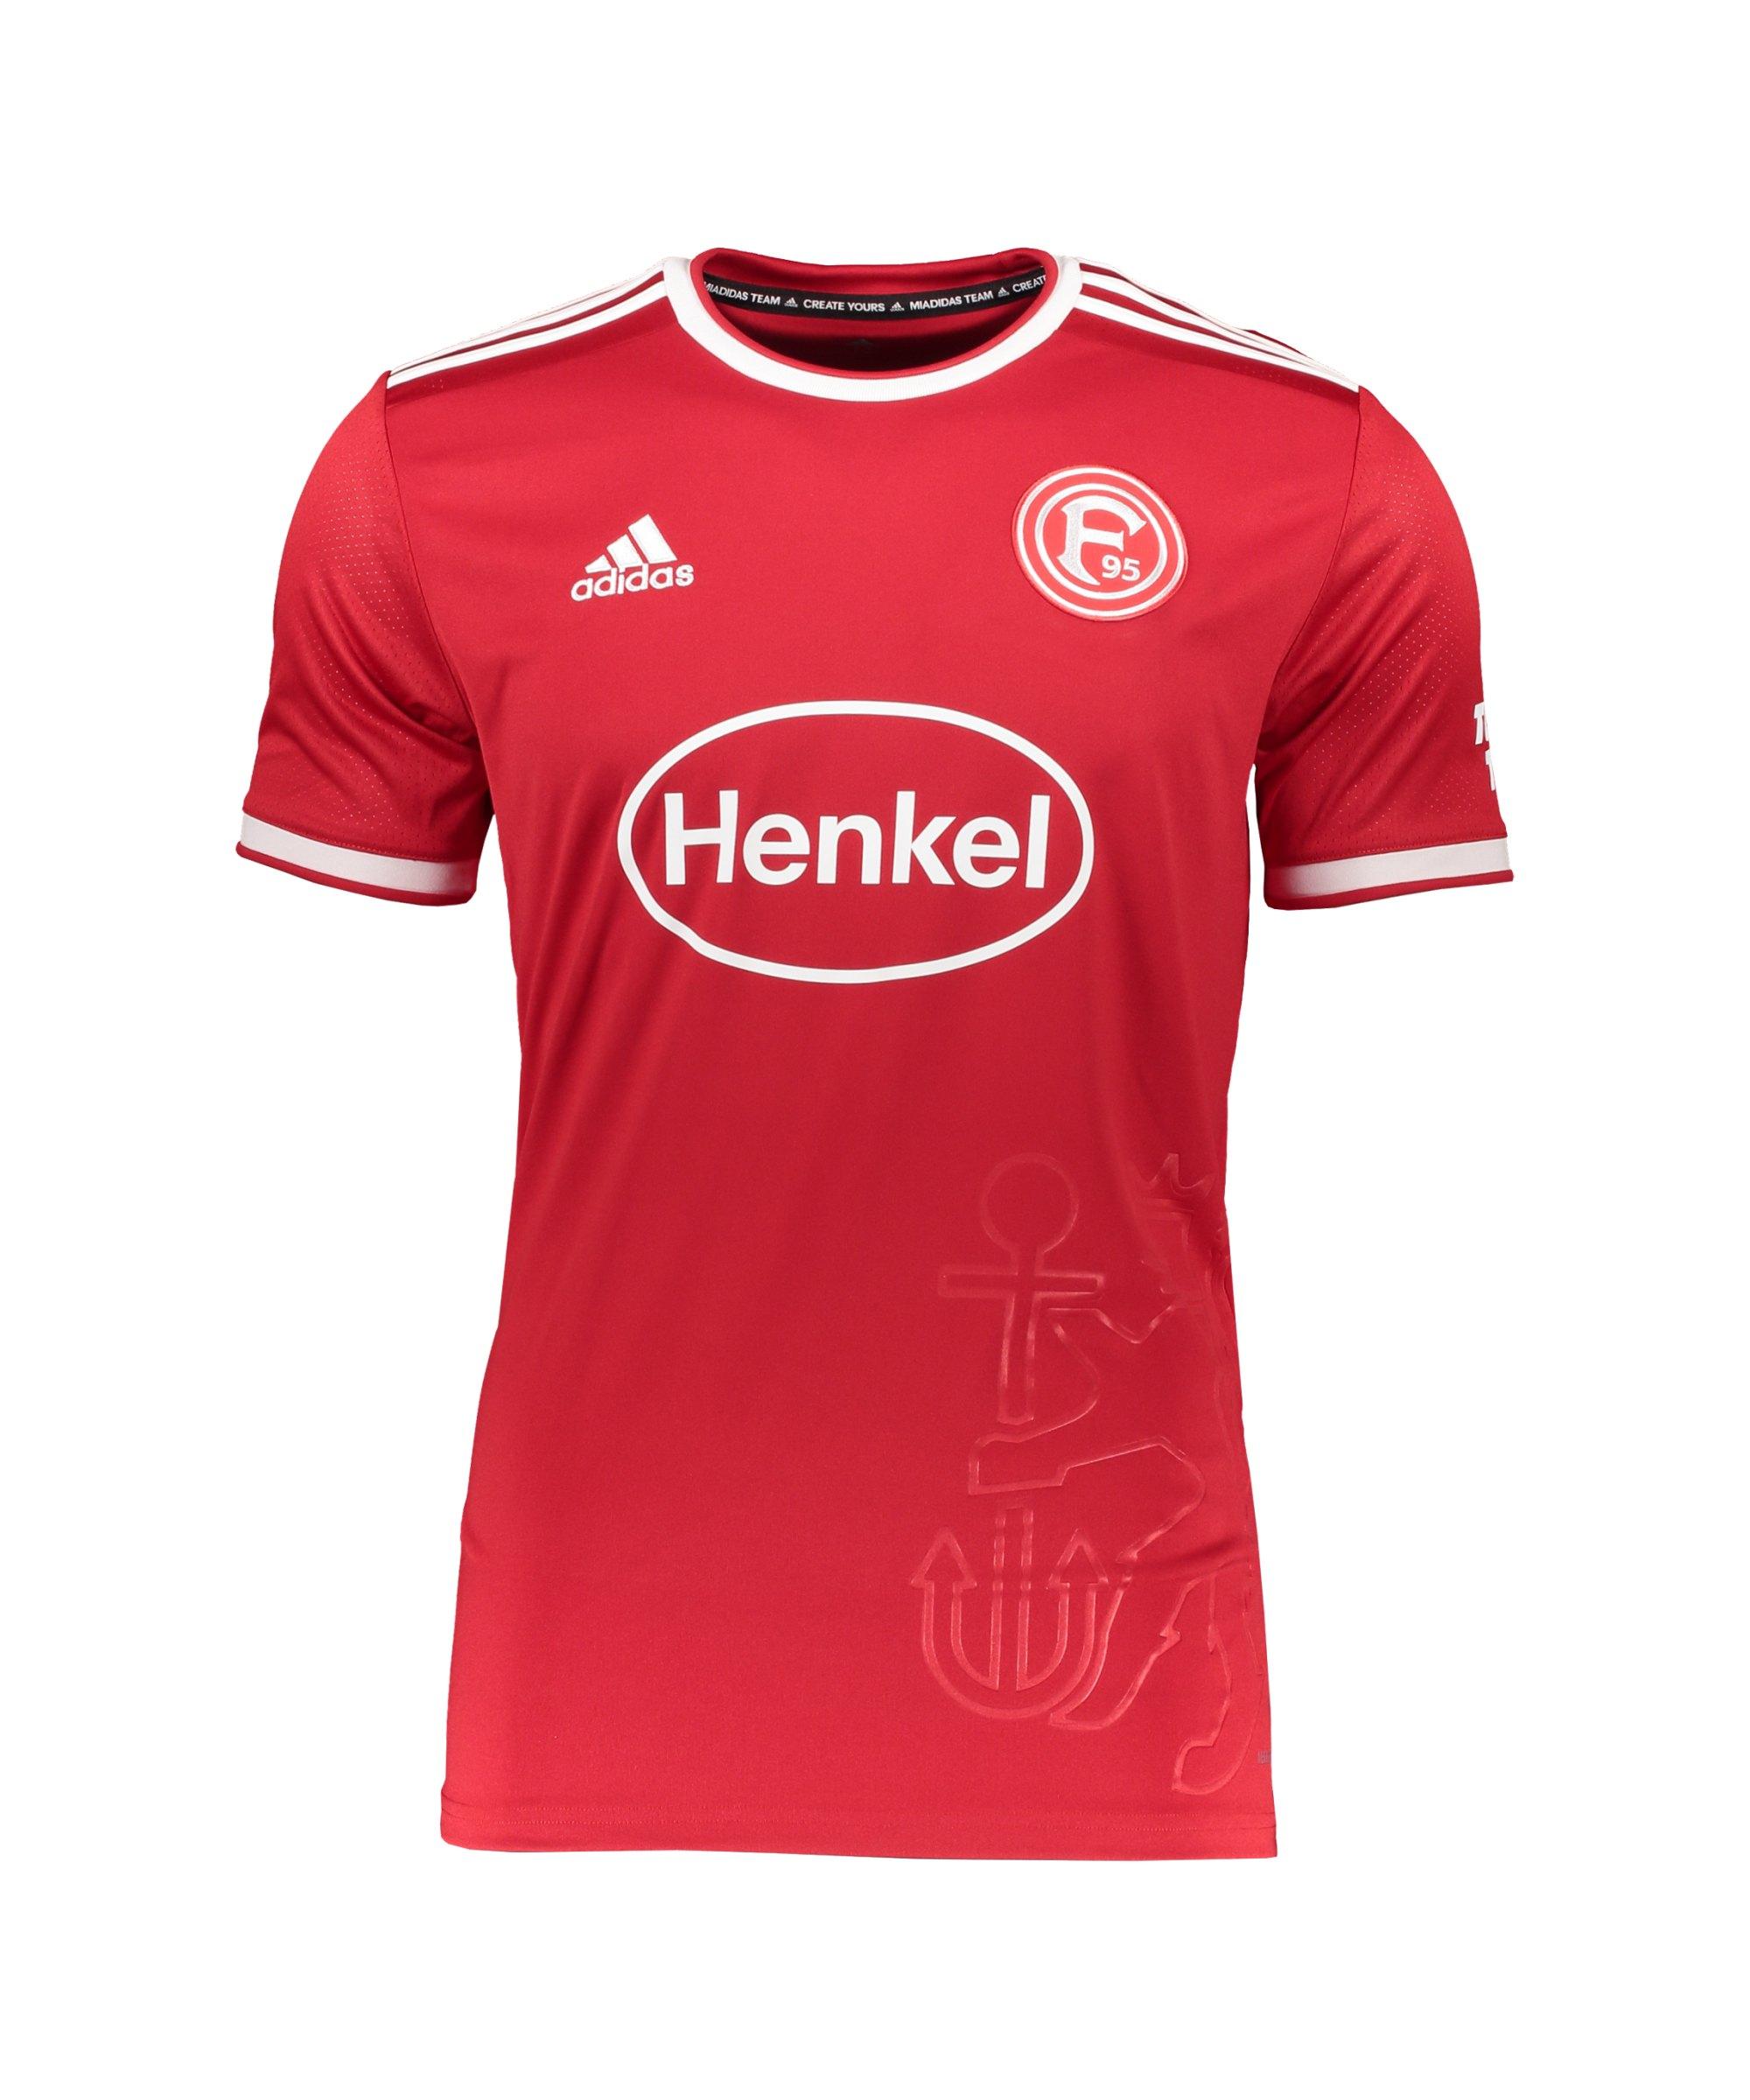 adidas Fortuna Düsseldorf Trikot Home 2021/2022 Rot - rot